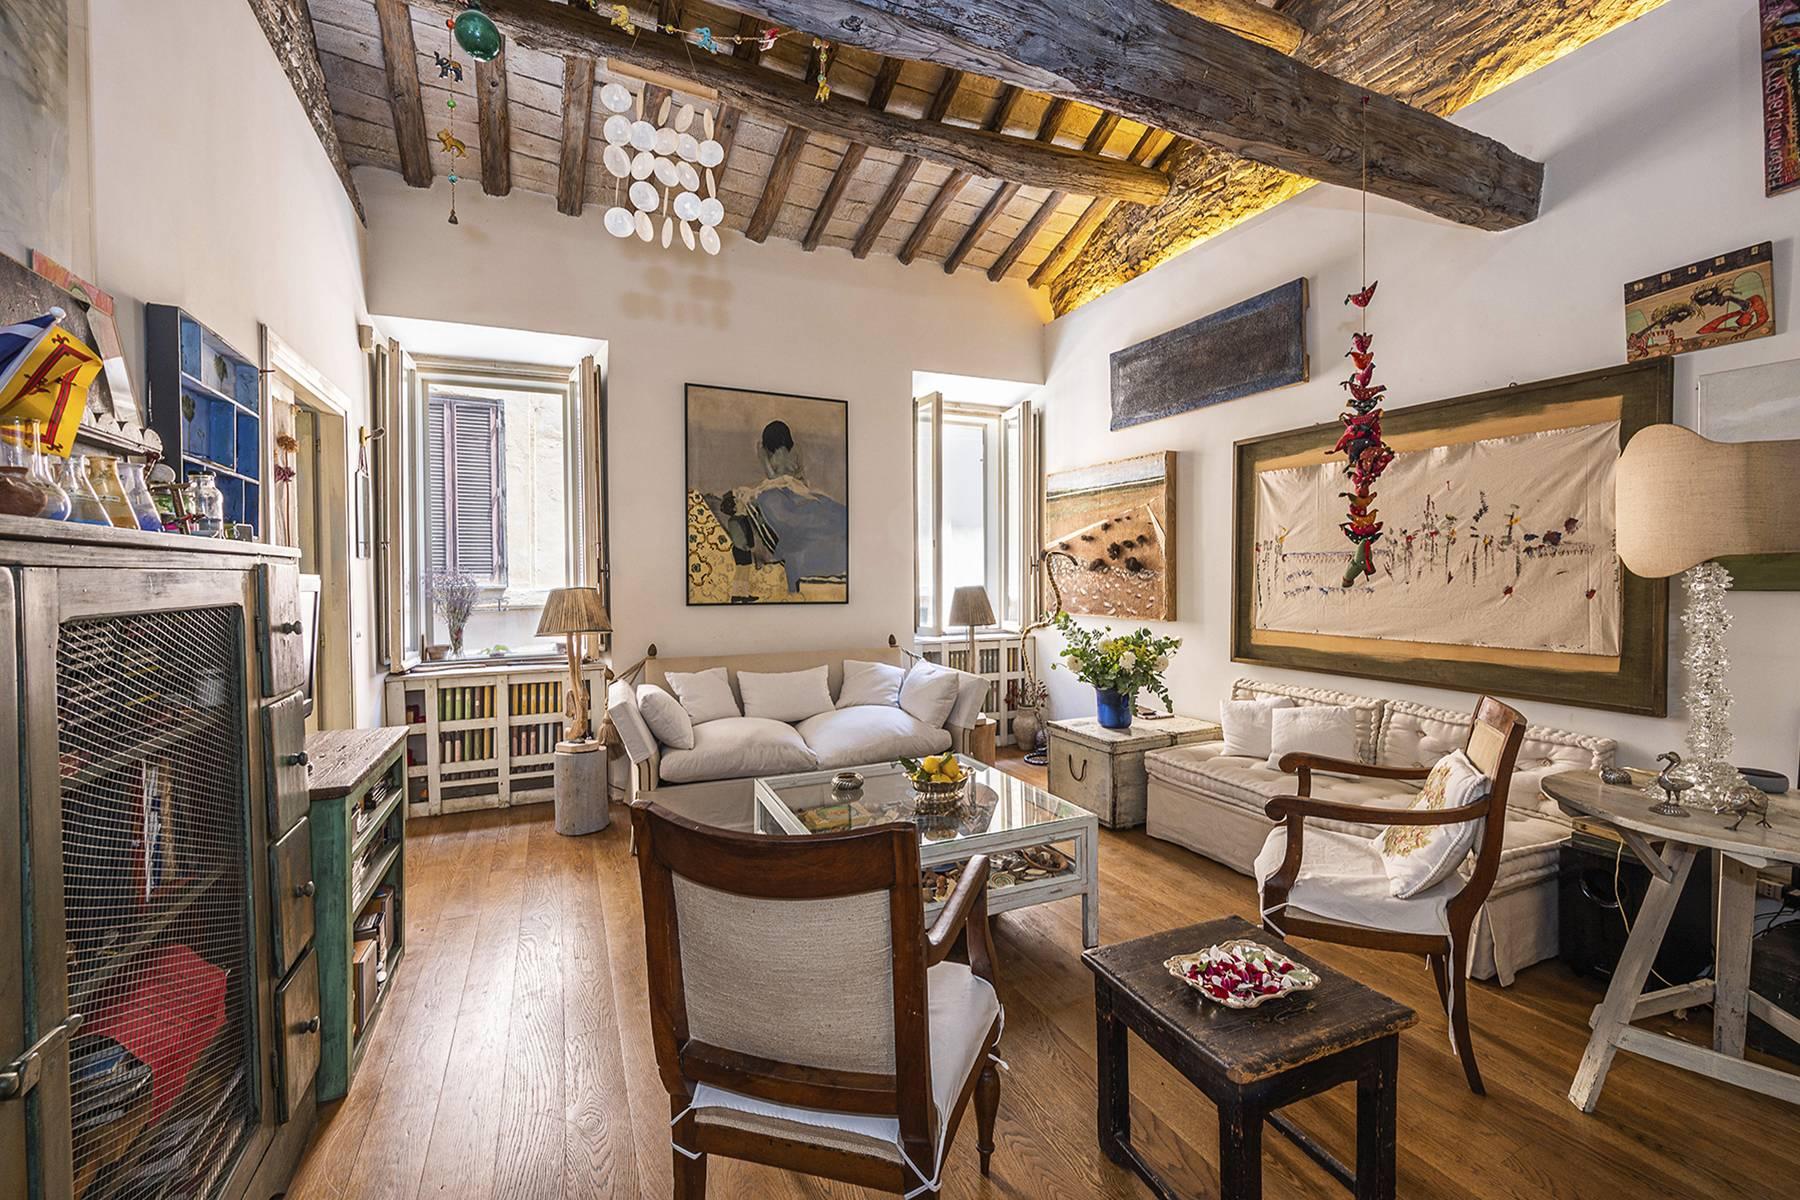 Casa indipendente in Vendita a Roma: 5 locali, 200 mq - Foto 3